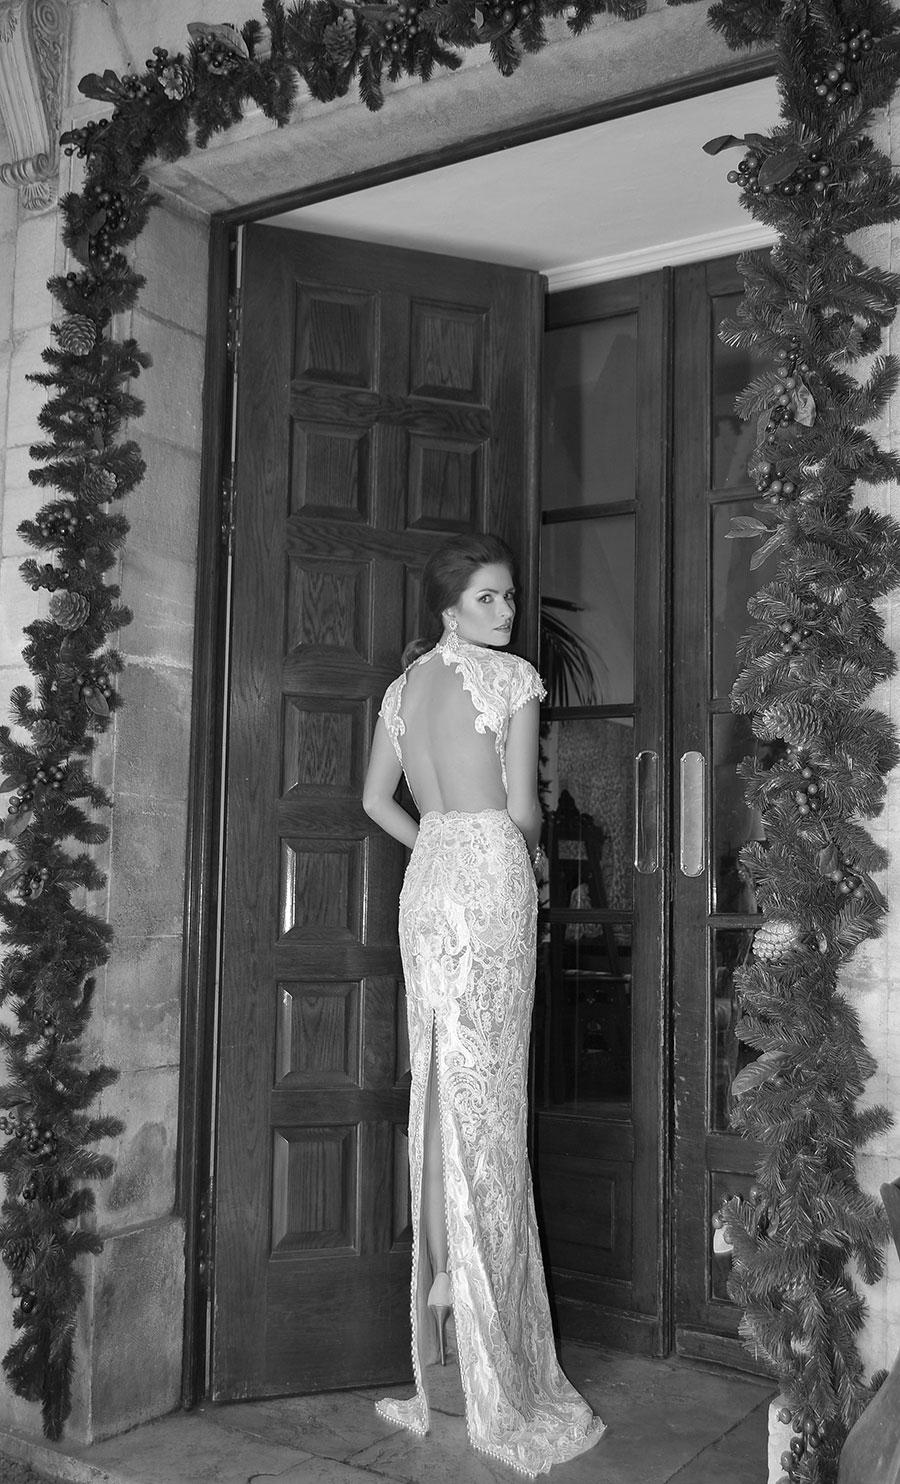 שמלת כלה עם גב חשוף ושרוול קצר